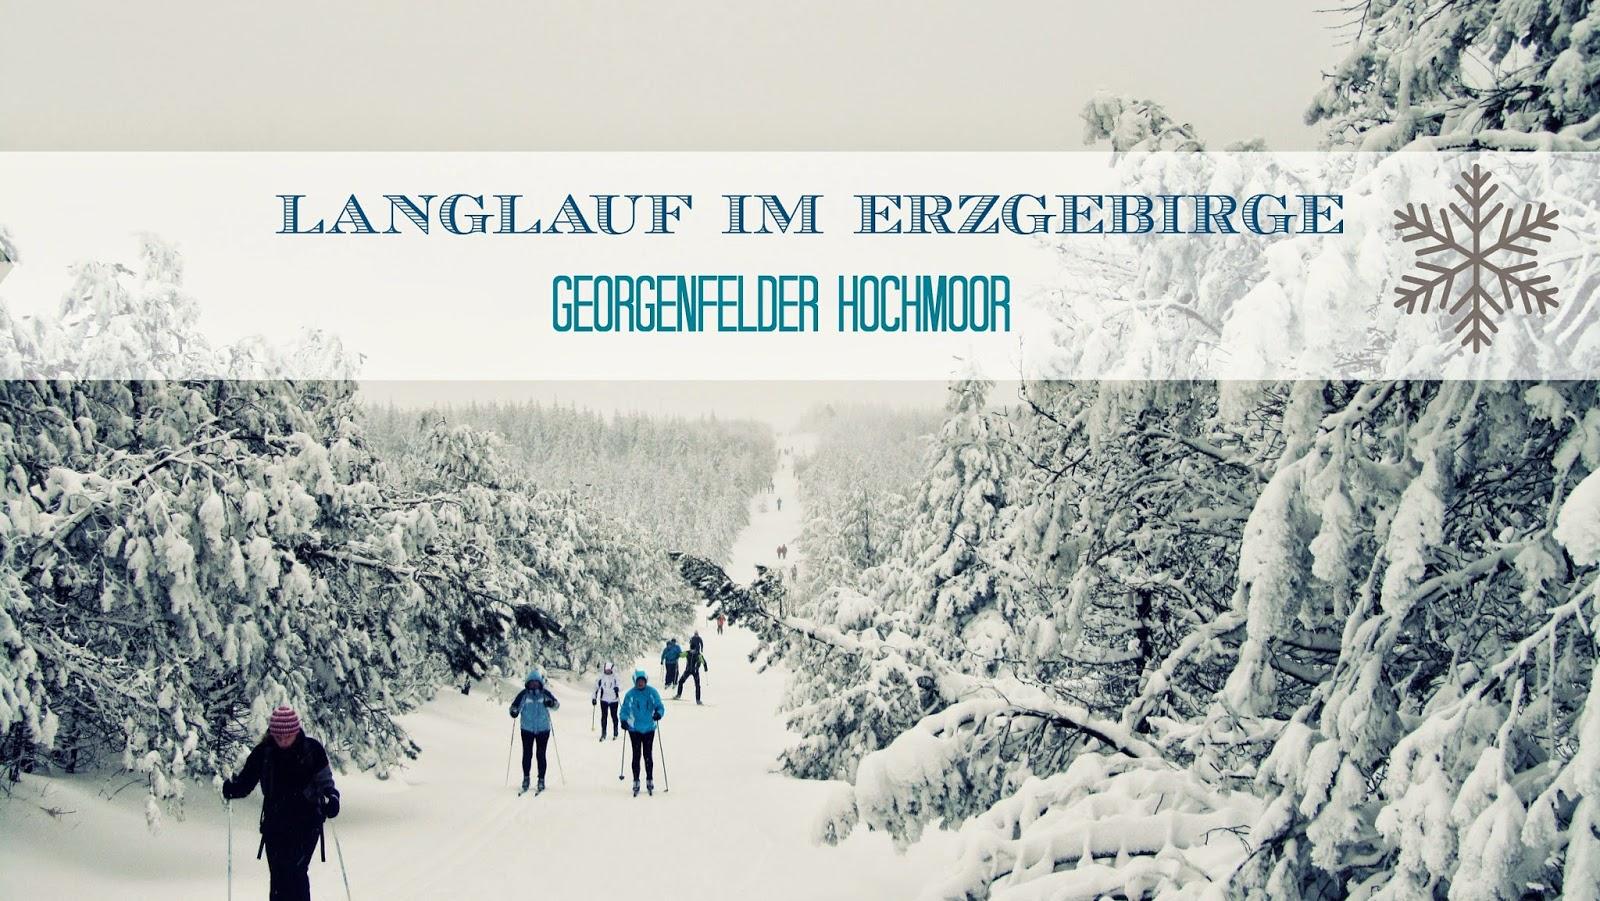 http://sussysmediterraneantreasures.blogspot.de/2015/02/langlauf-im-erzgebirge-georgenfelder.html